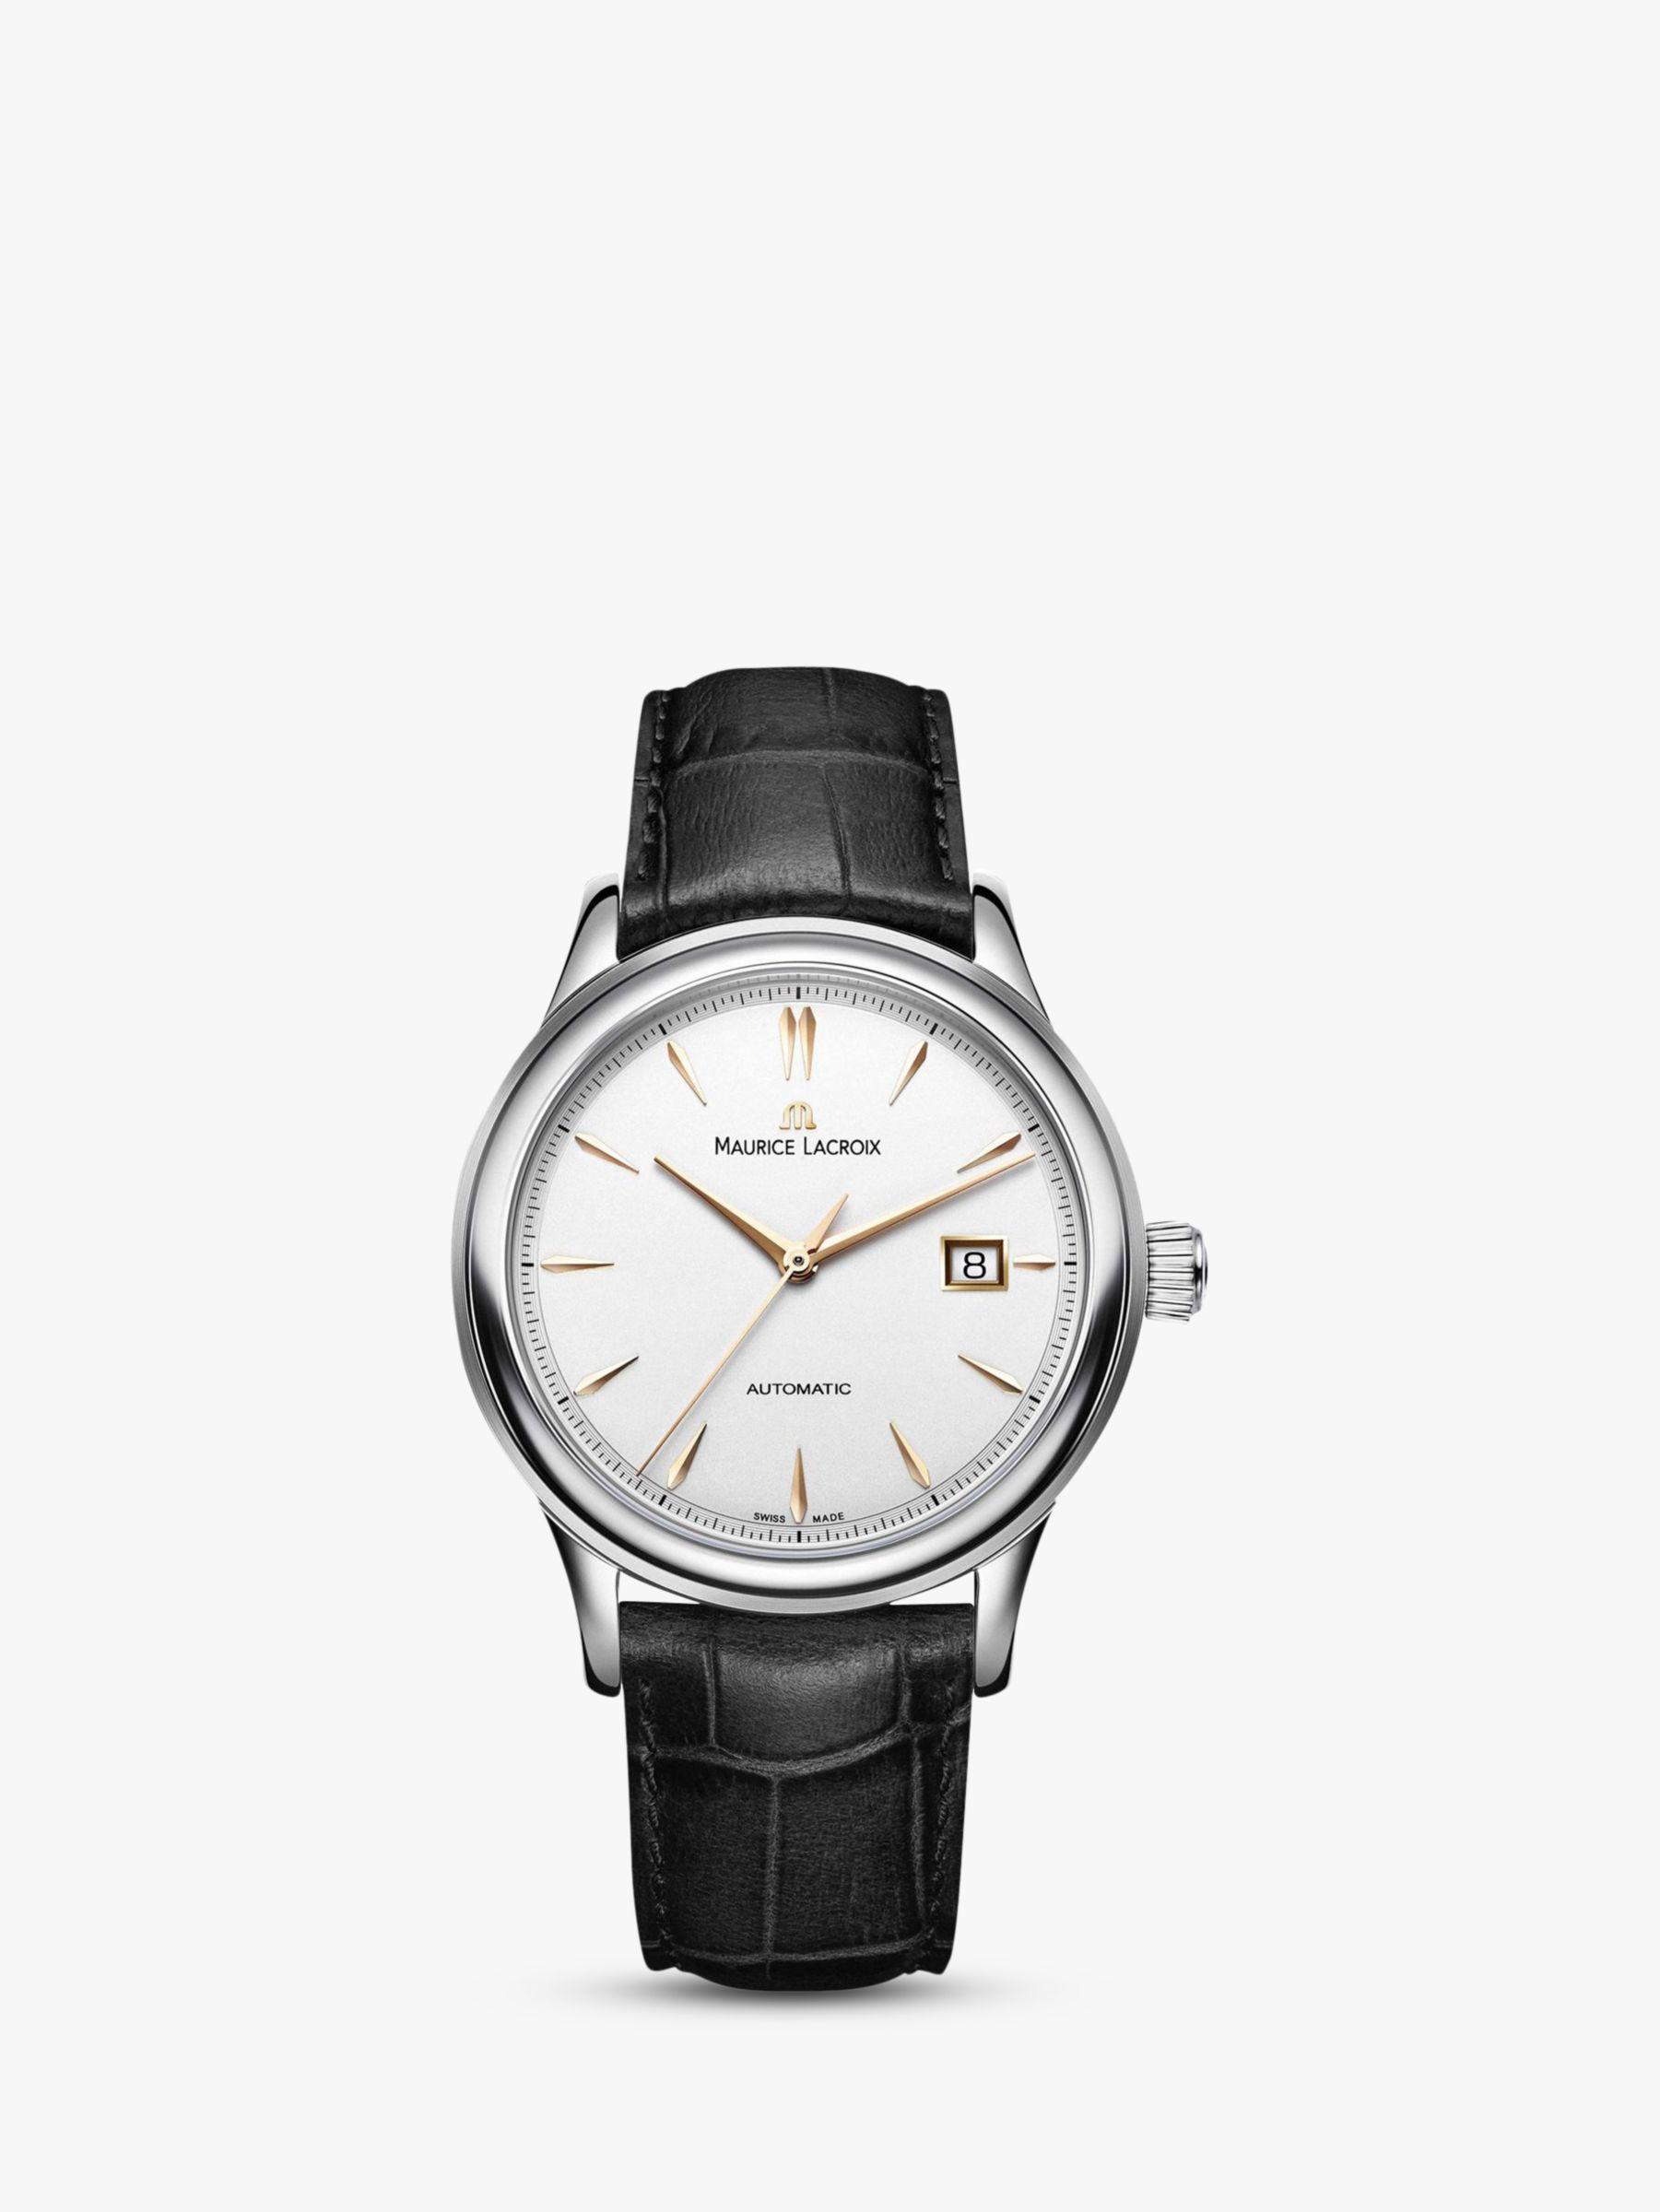 Maurice Lacroix Maurice Lacroix LC6098-SS001-131 Women's Les Classiques Croc Effect Leather Strap Watch, Black/White